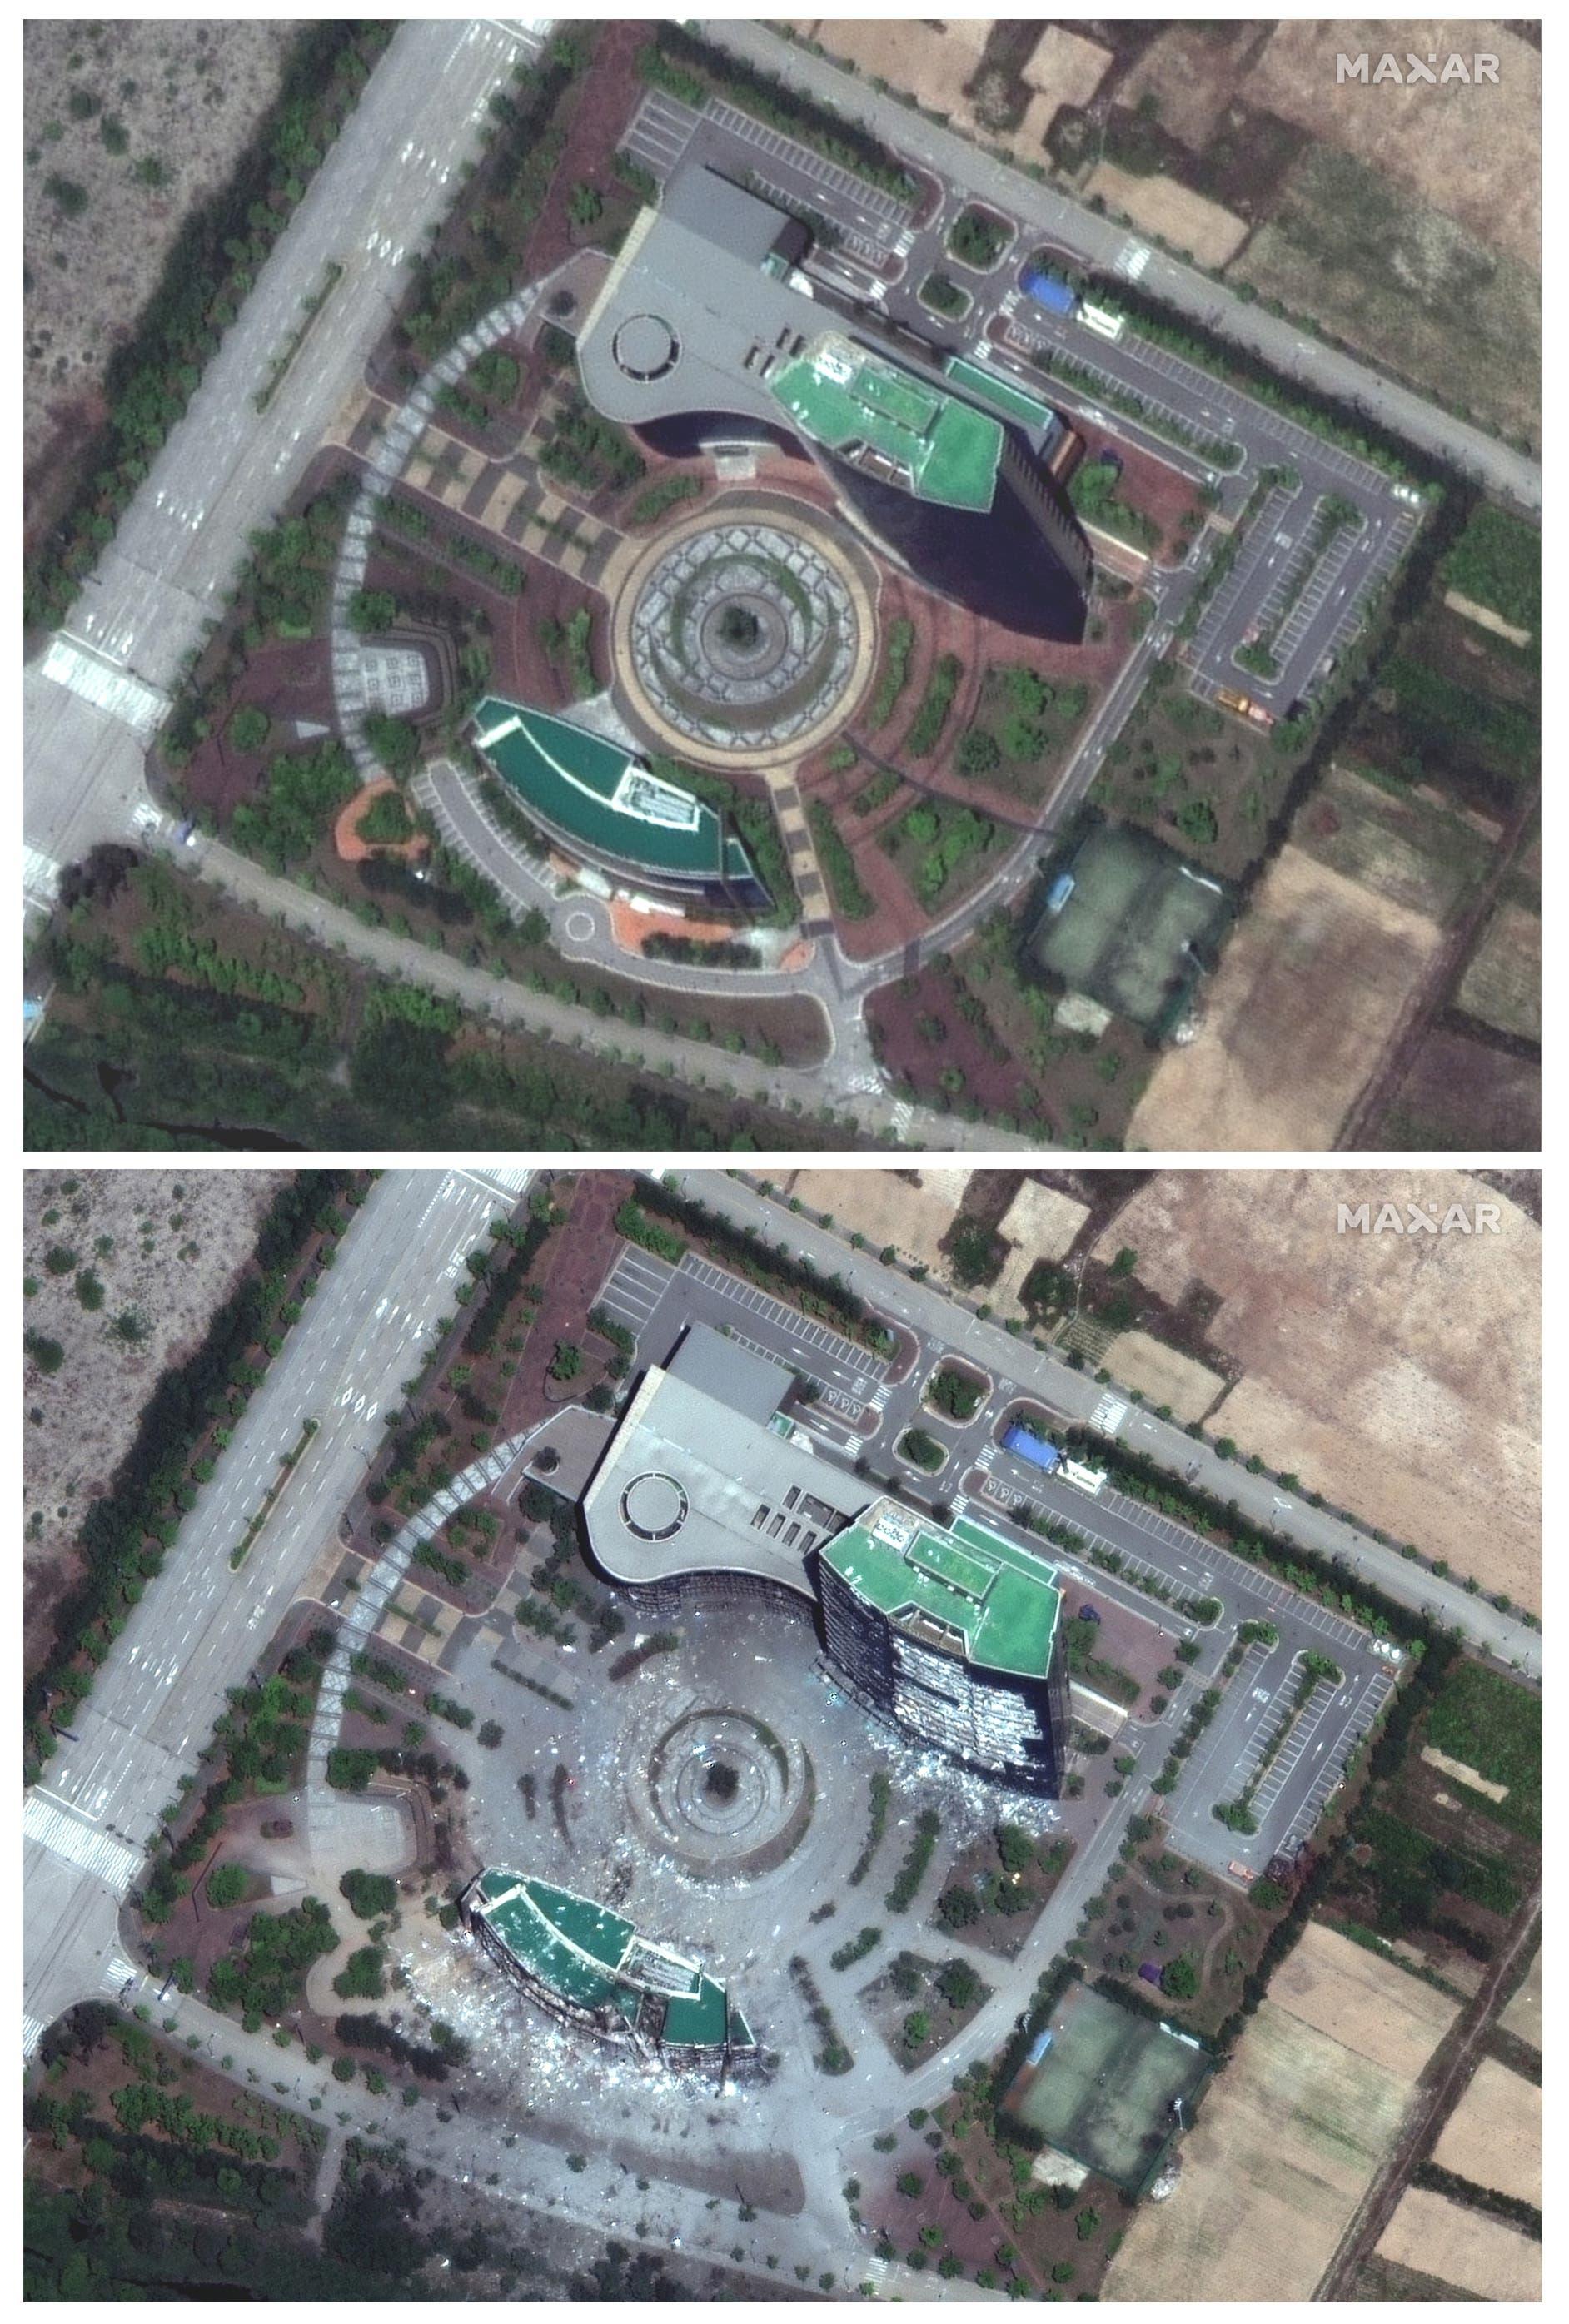 صور تؤكد تدمير مبنى الاتصال بين الكوريتين